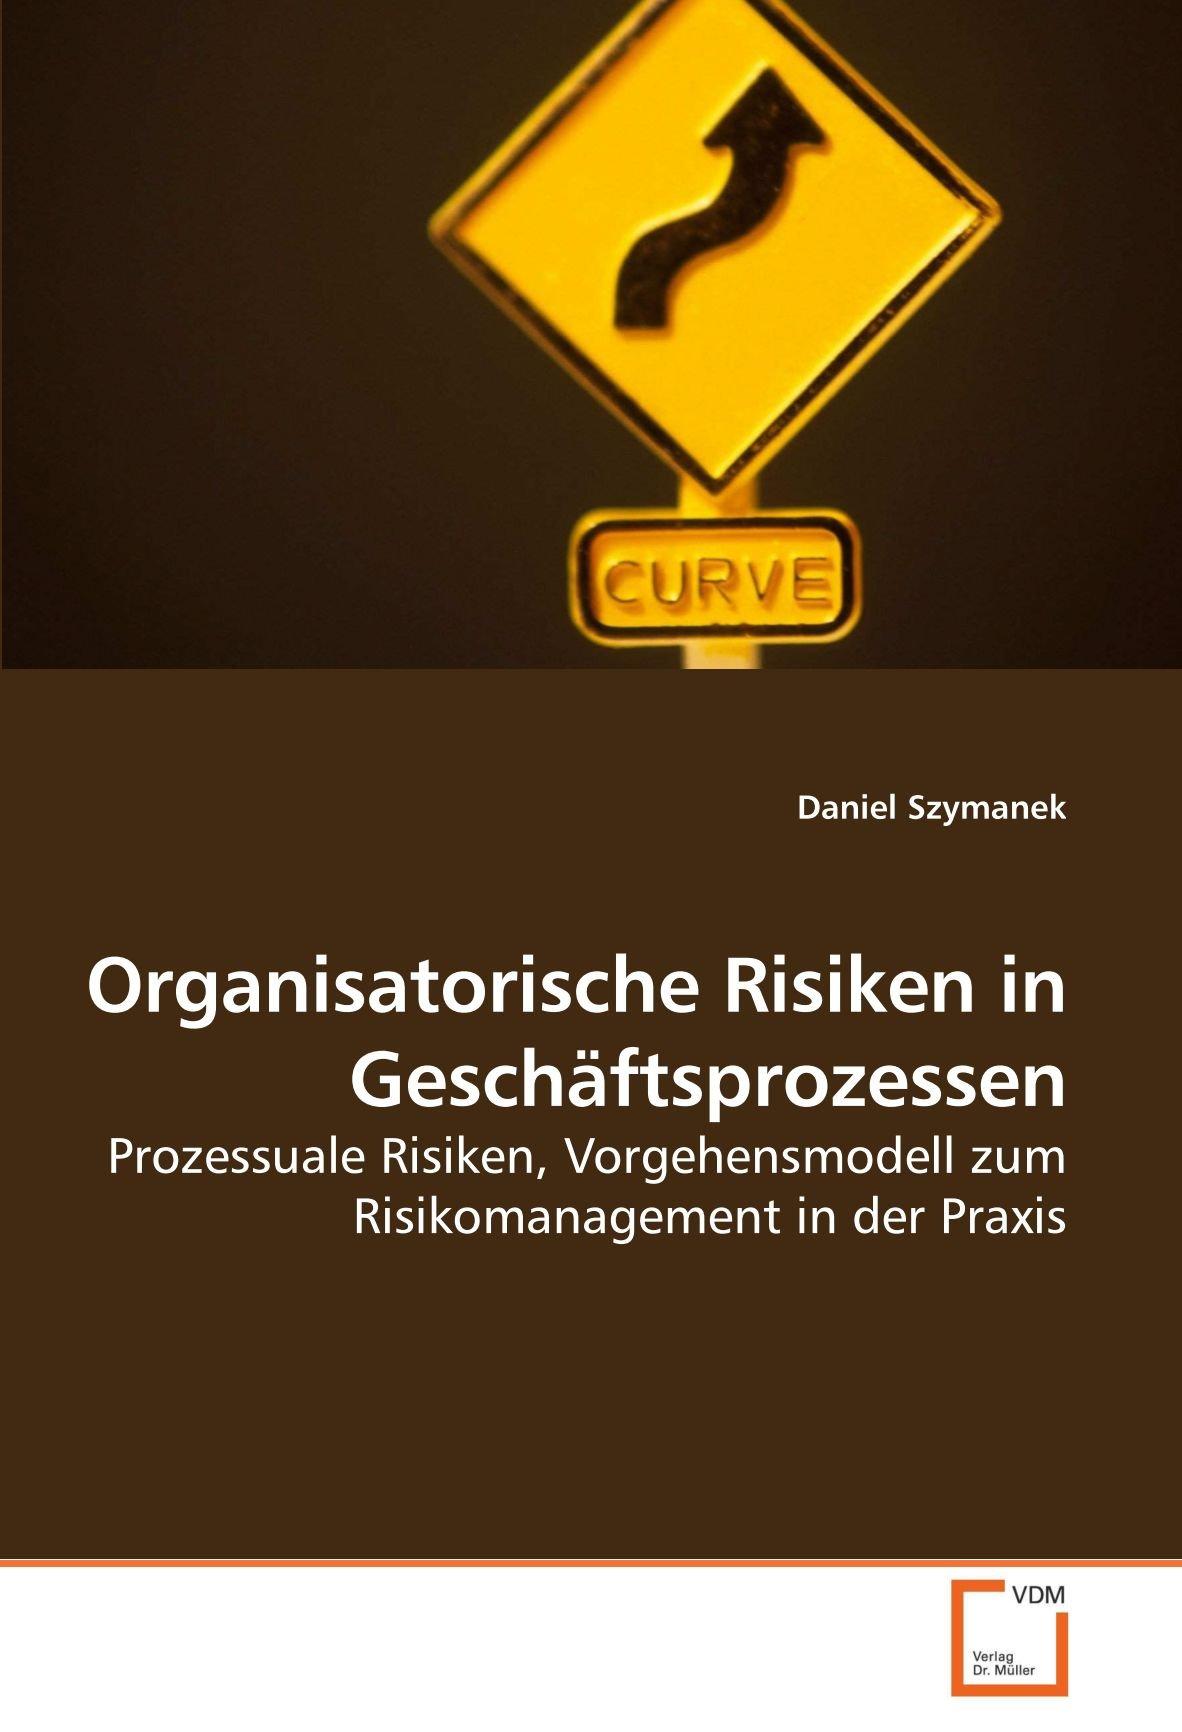 Organisatorische Risiken in Geschäftsprozessen: Prozessuale Risiken, Vorgehensmodell zum Risikomanagement in der Praxis